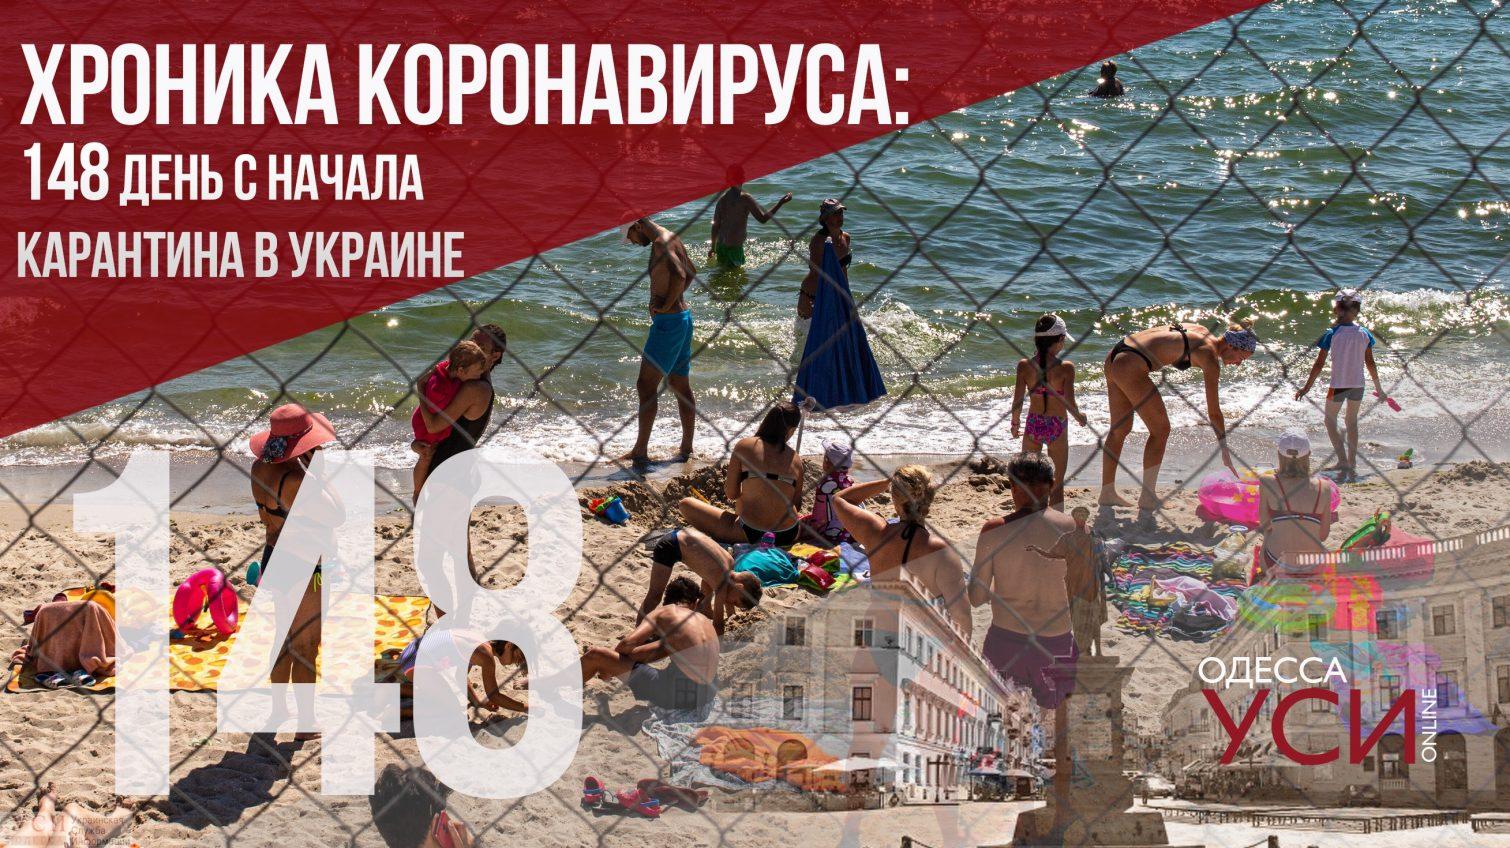 Хроника коронавируса: на 148 день в Одесском регионе – новый антирекорд 156 новых больных «фото»